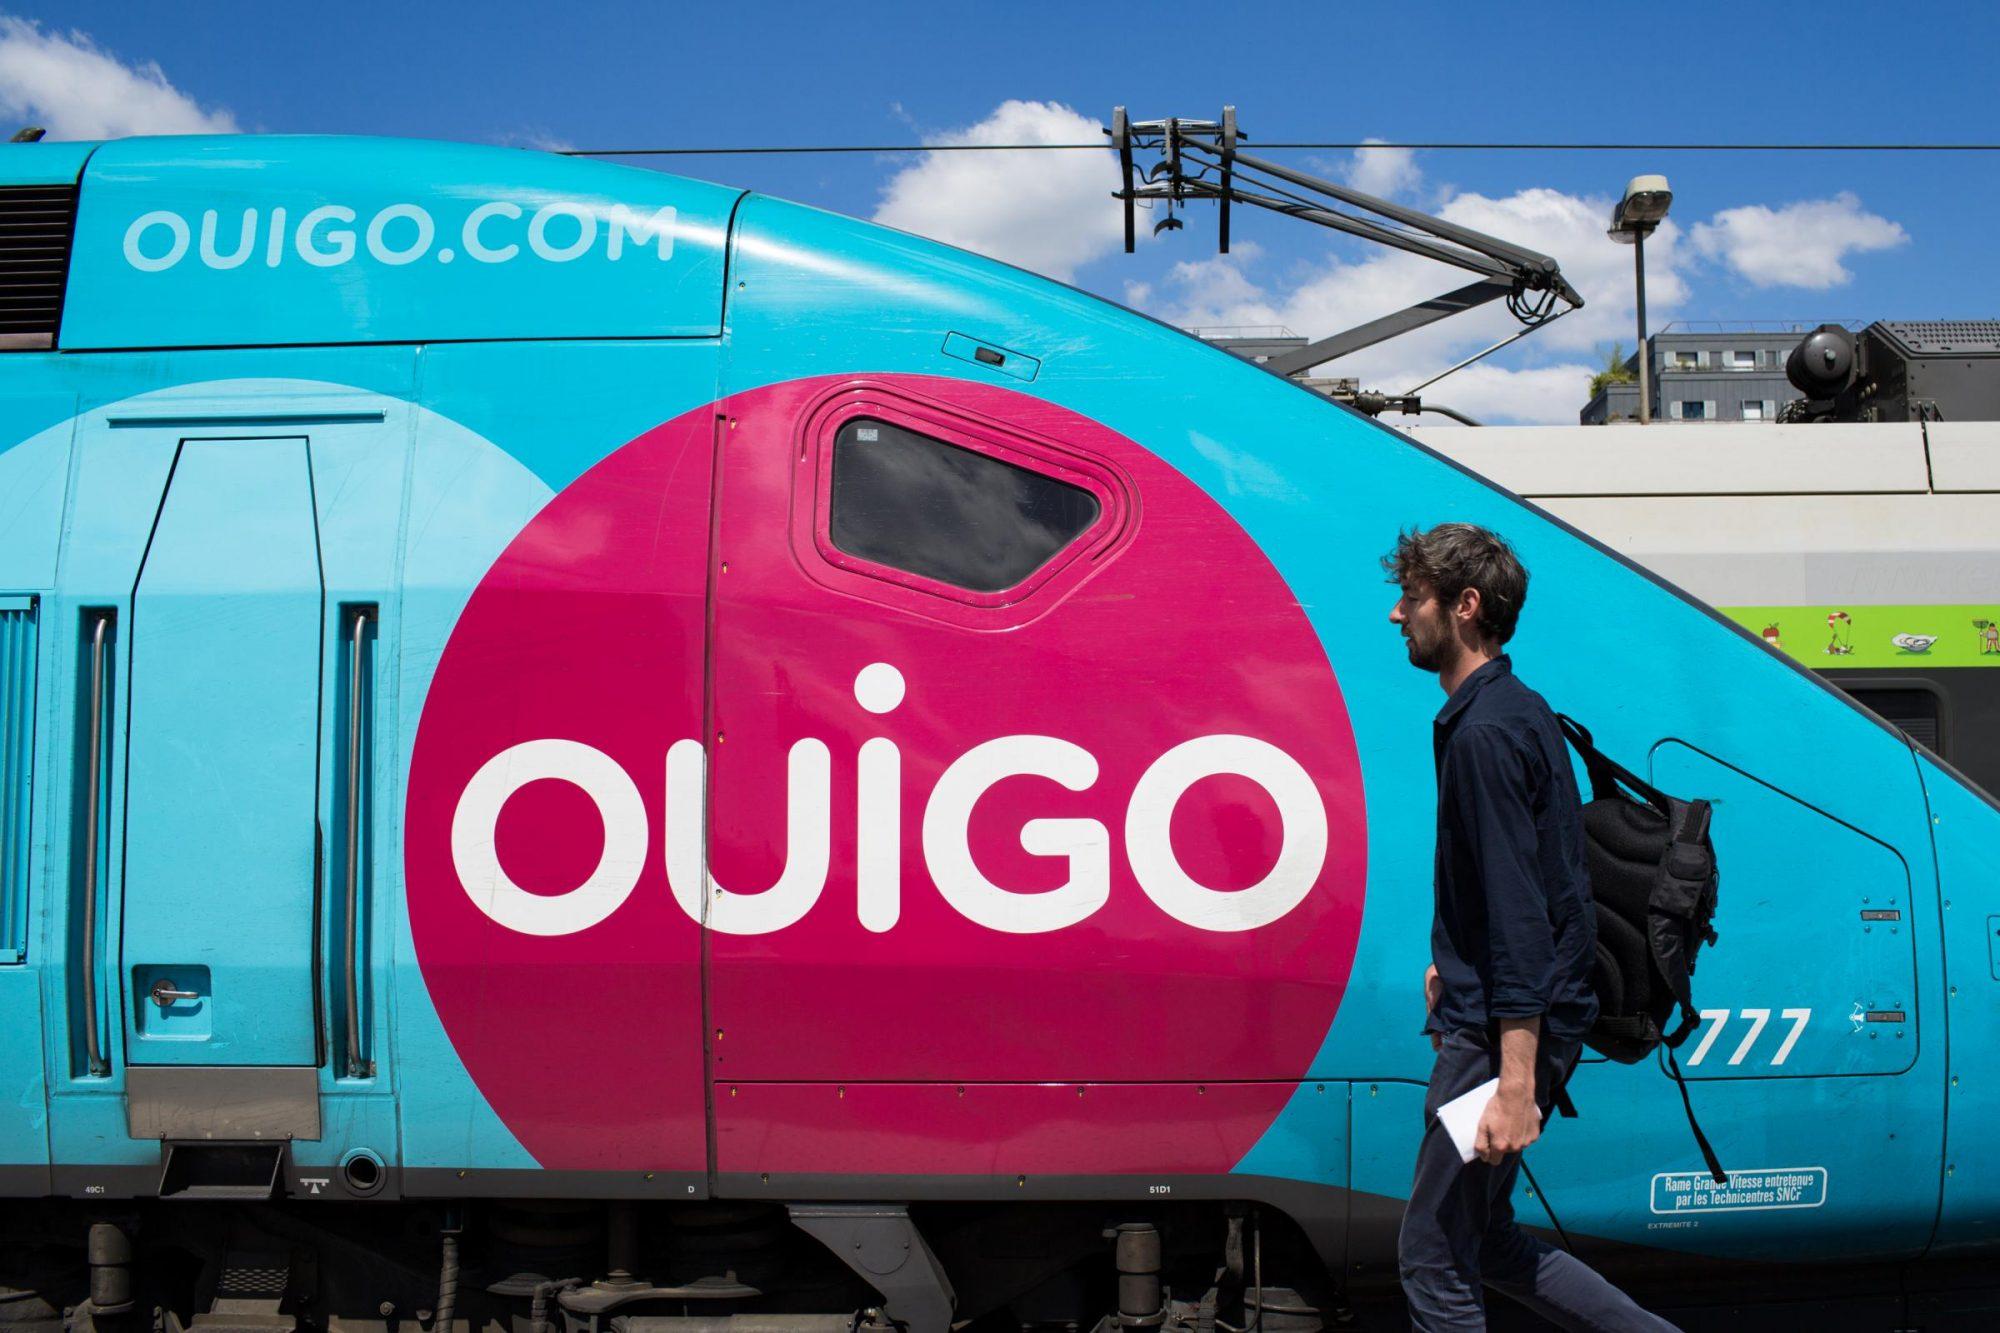 La SNCF va proposer des billets moins chers mais… pour des trains plus lents